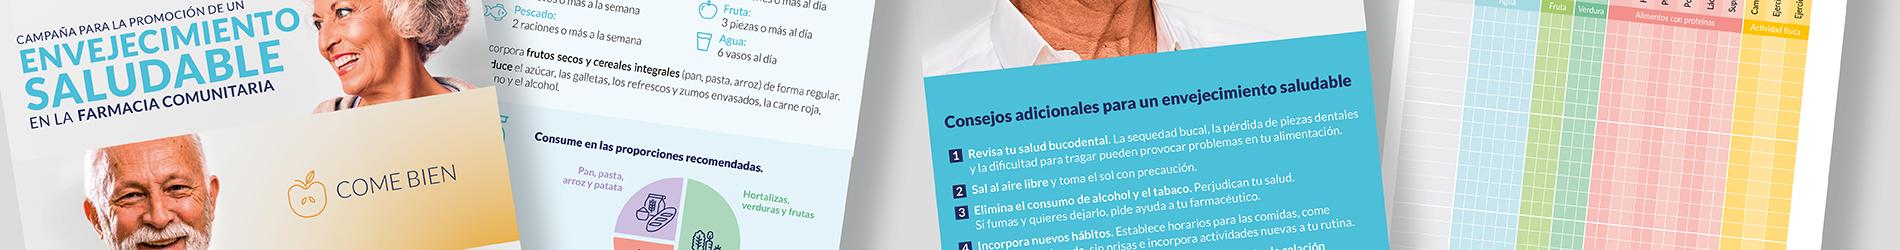 Banner Descargas recomendacniones nutricionales